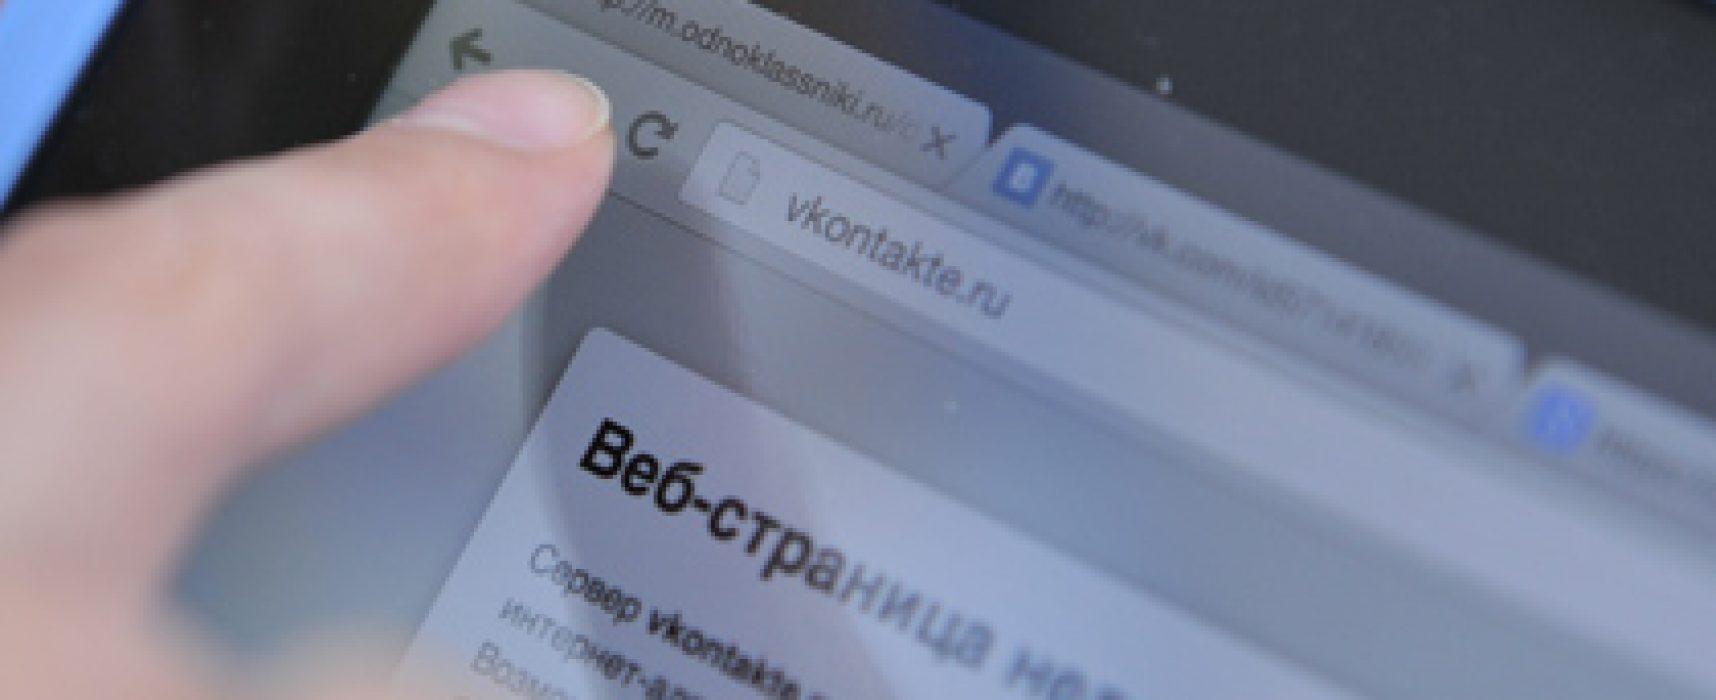 Из «Яндекс.Новостей» уберут сообщения СМИ, не имеющих регистрации Роскомнадзора